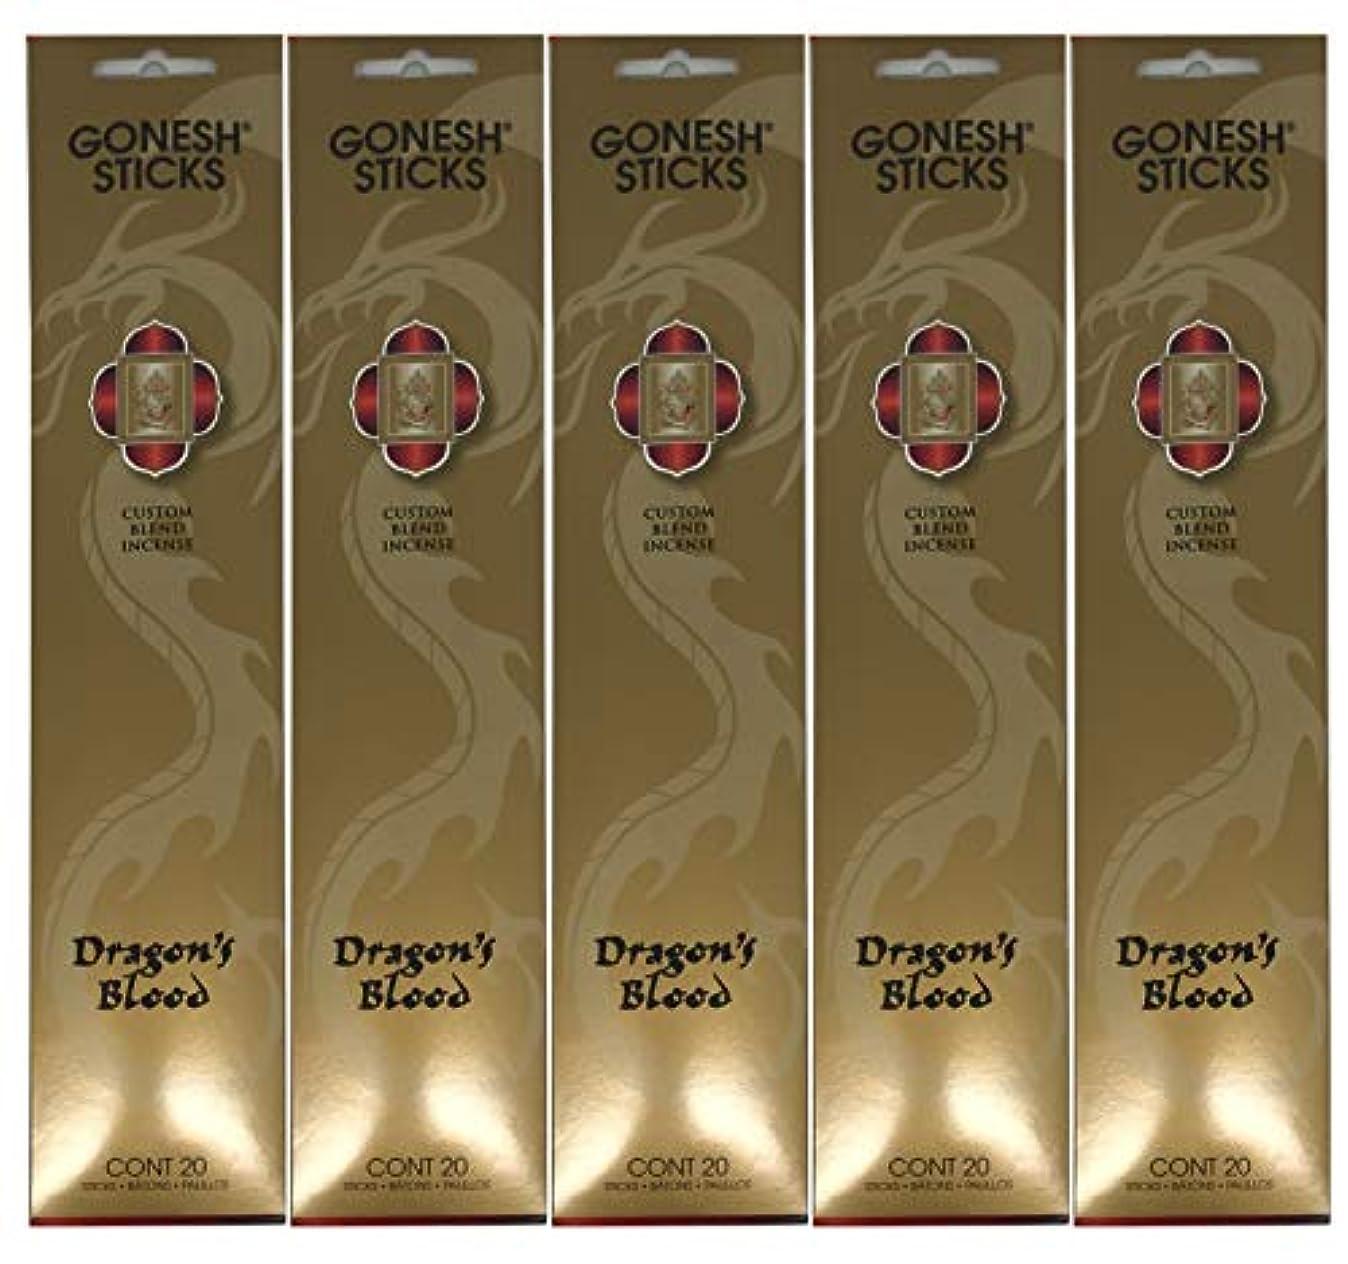 セージ食事を調理する荷物Gonesh カスタムブレンドインセンススティック - Dragon's Blood - 5パック (合計100本)